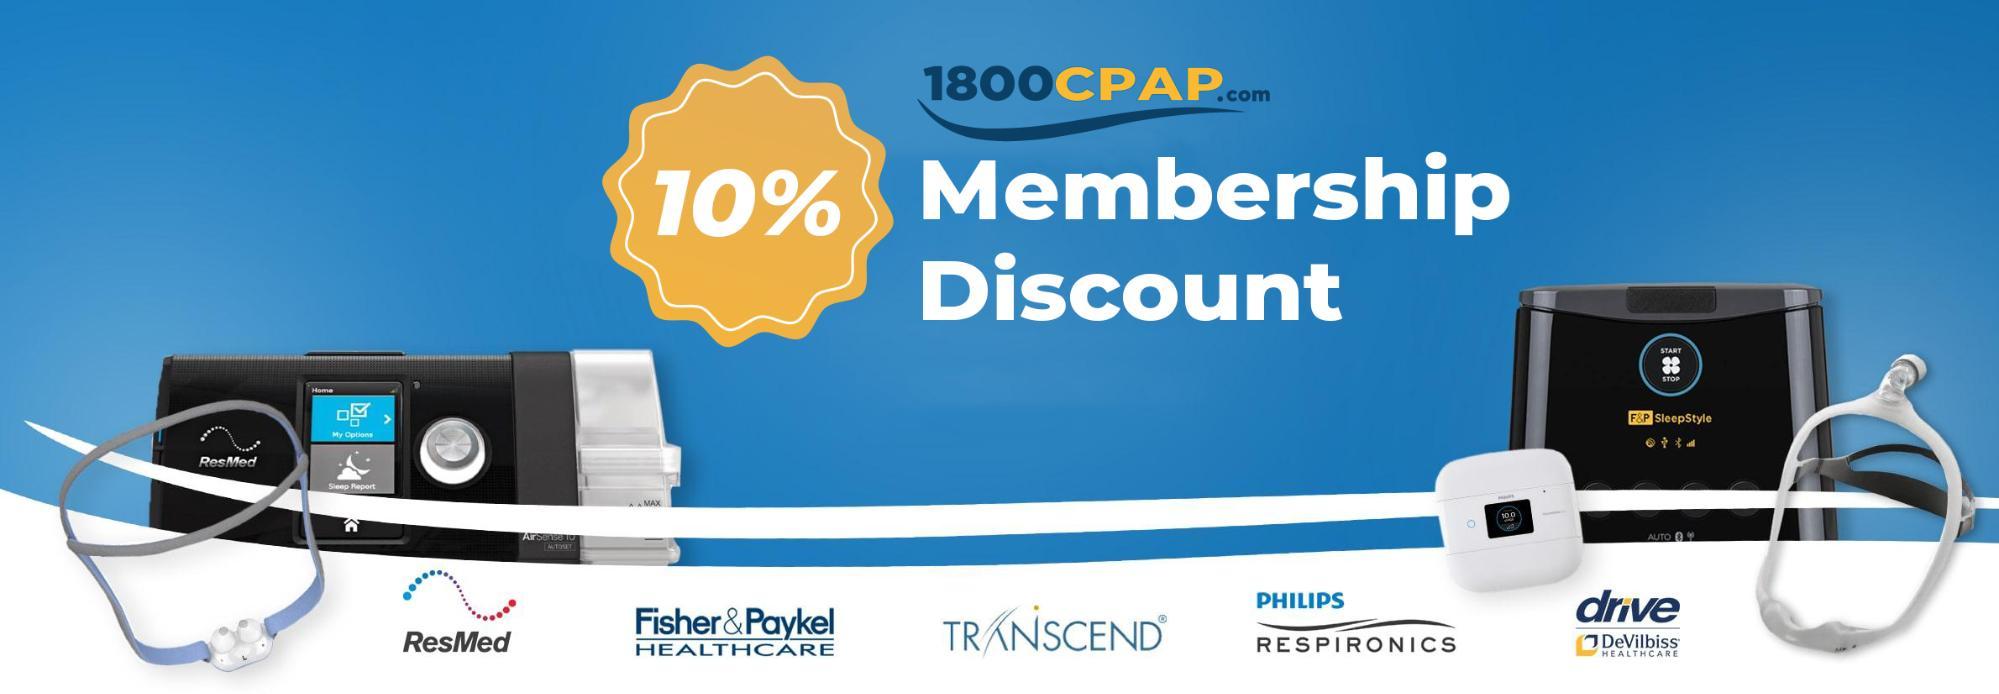 10% membership discount